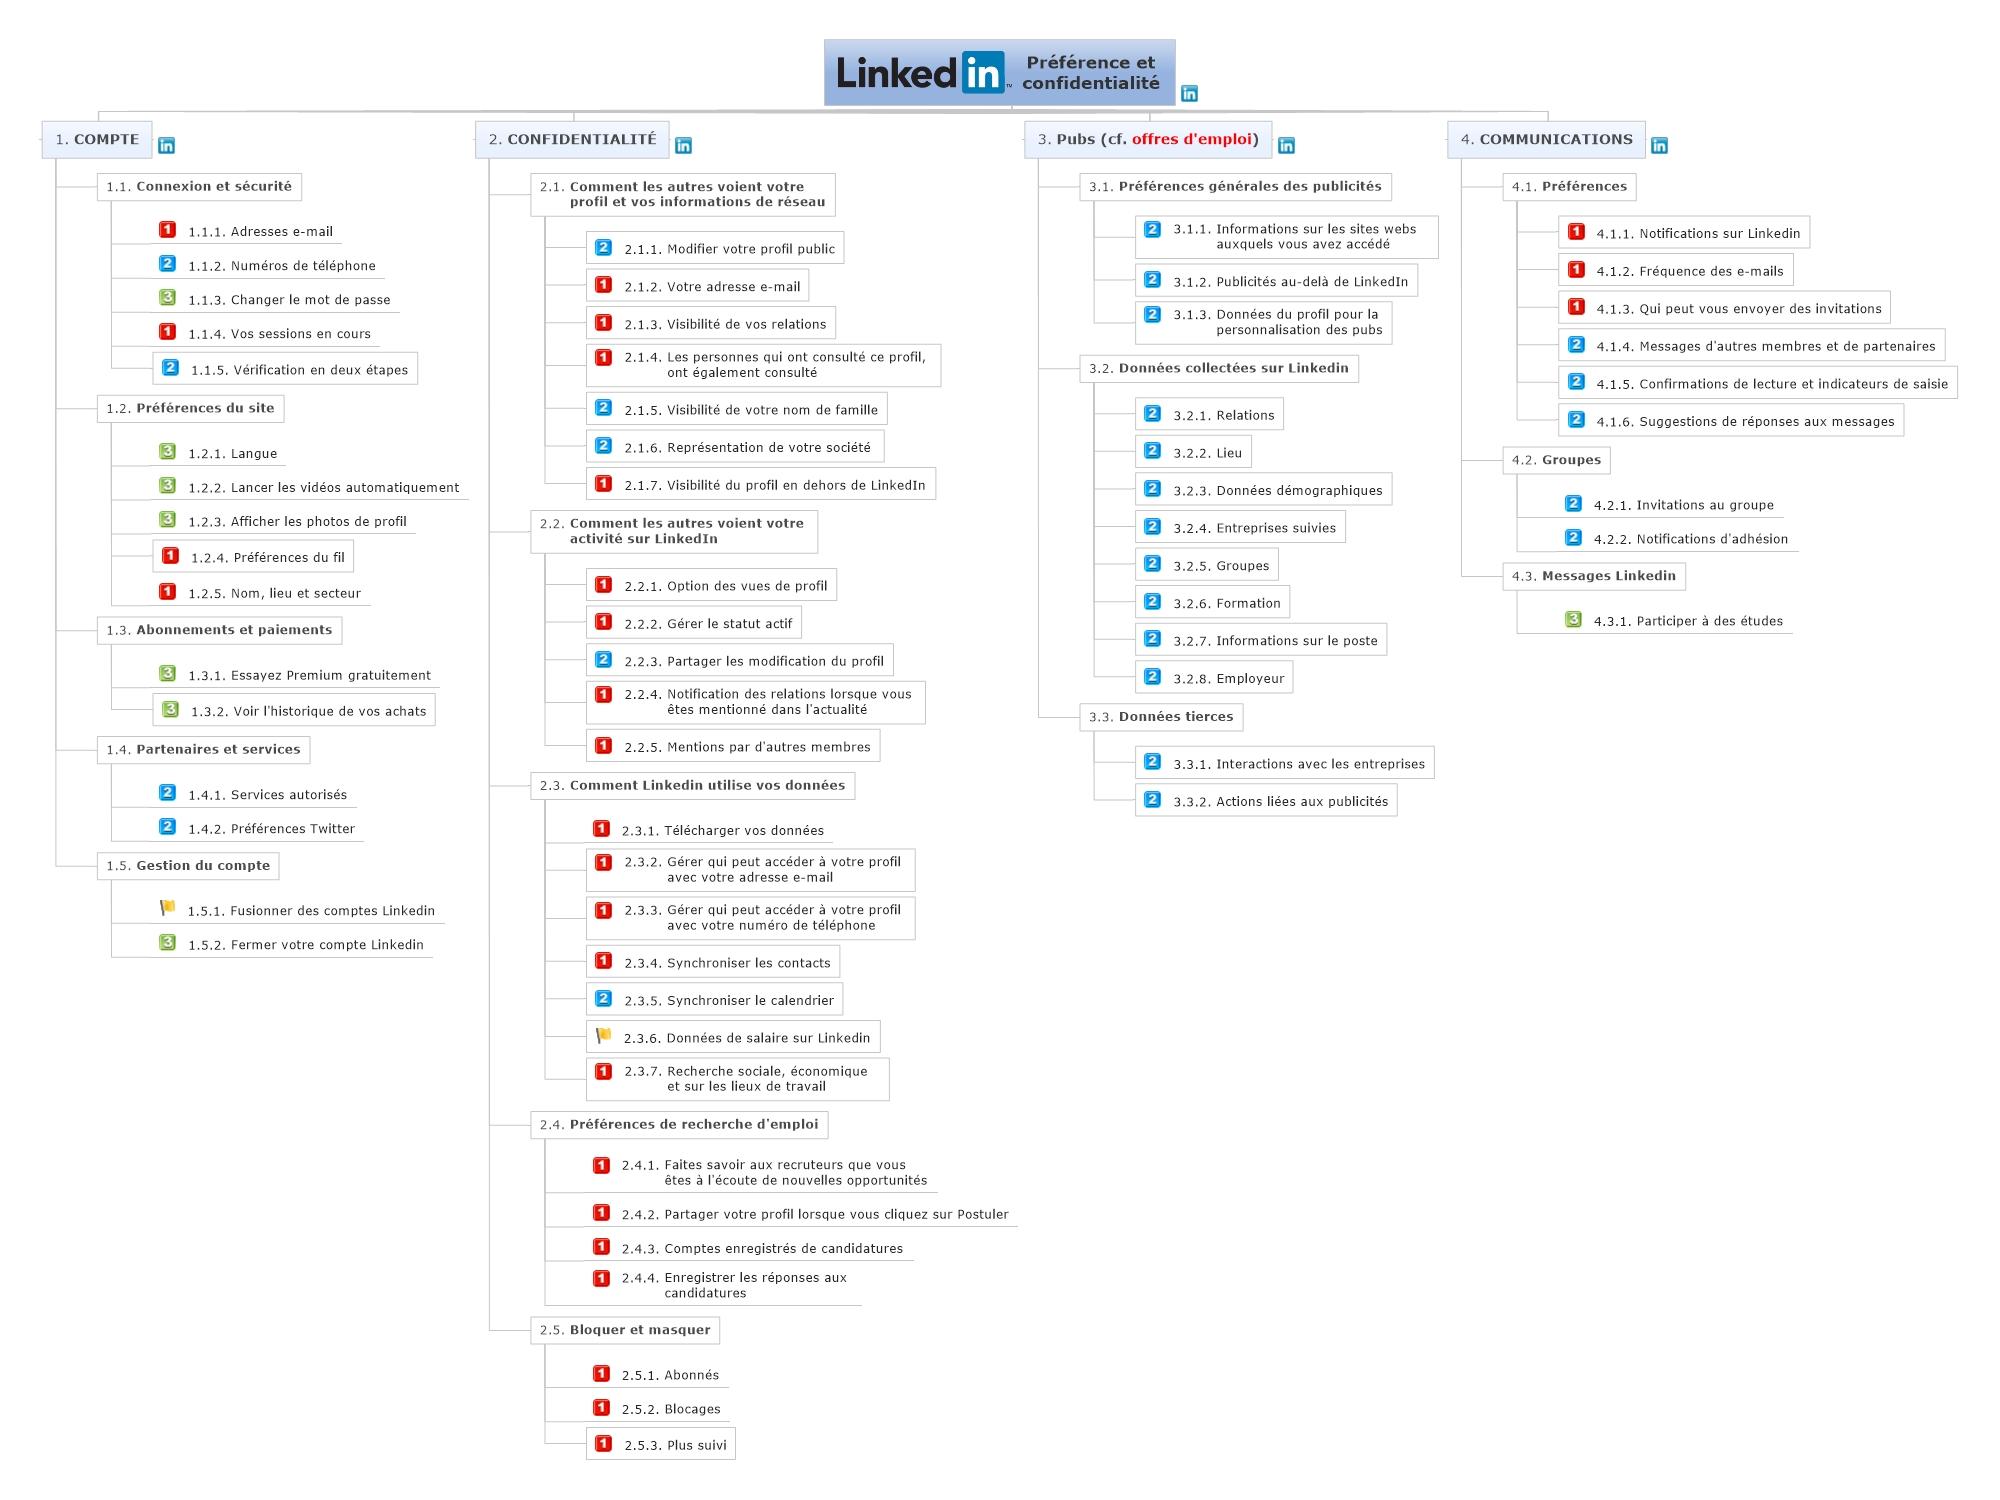 cartographie Préférences et confidentialité Linkedin